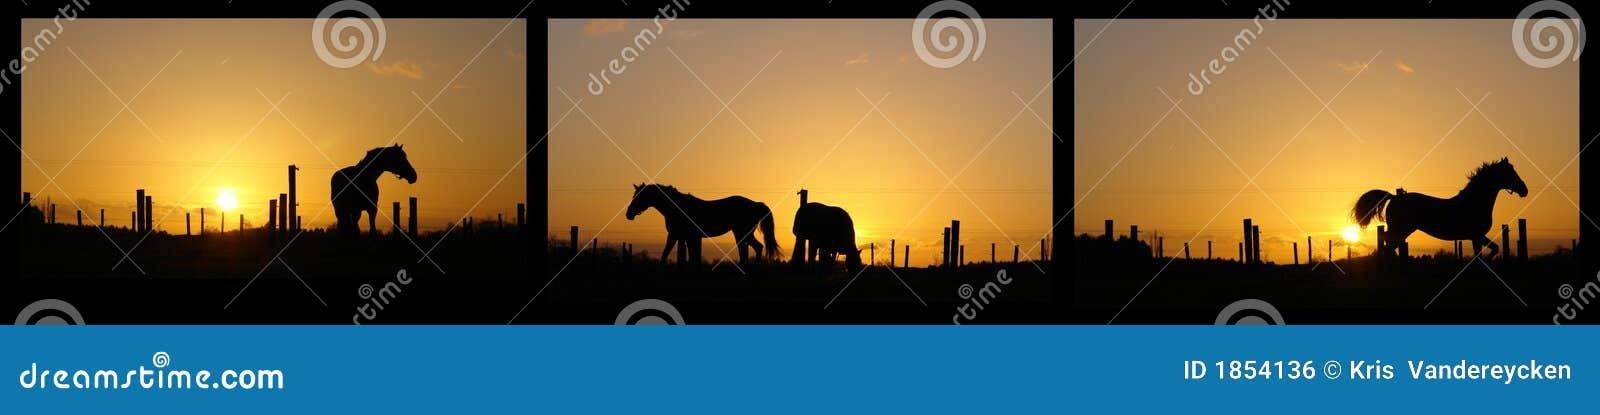 Horses on horizon backlit by sunset